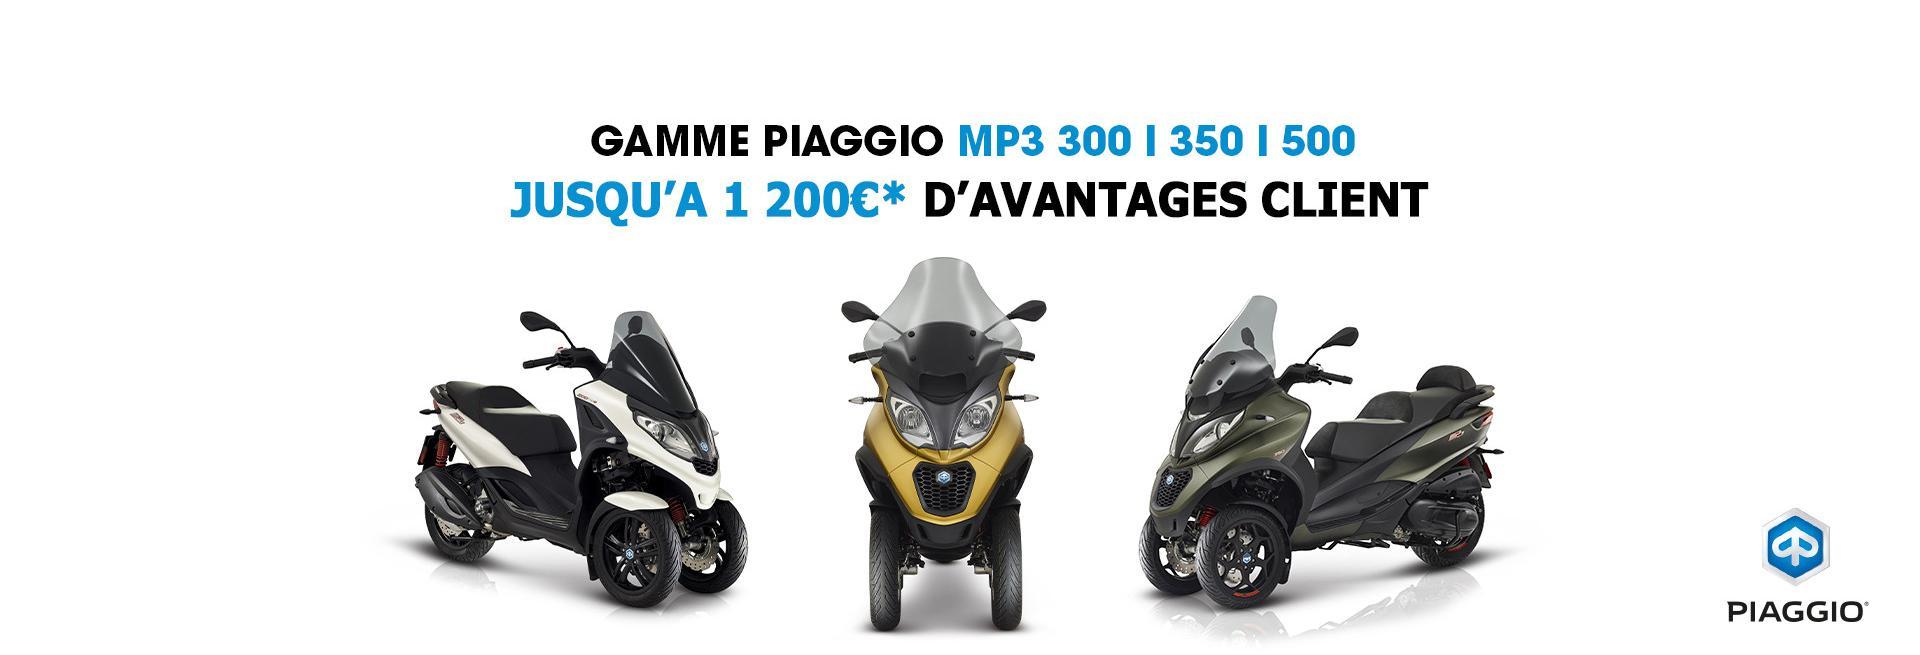 2020 Offres Piaggio MP3